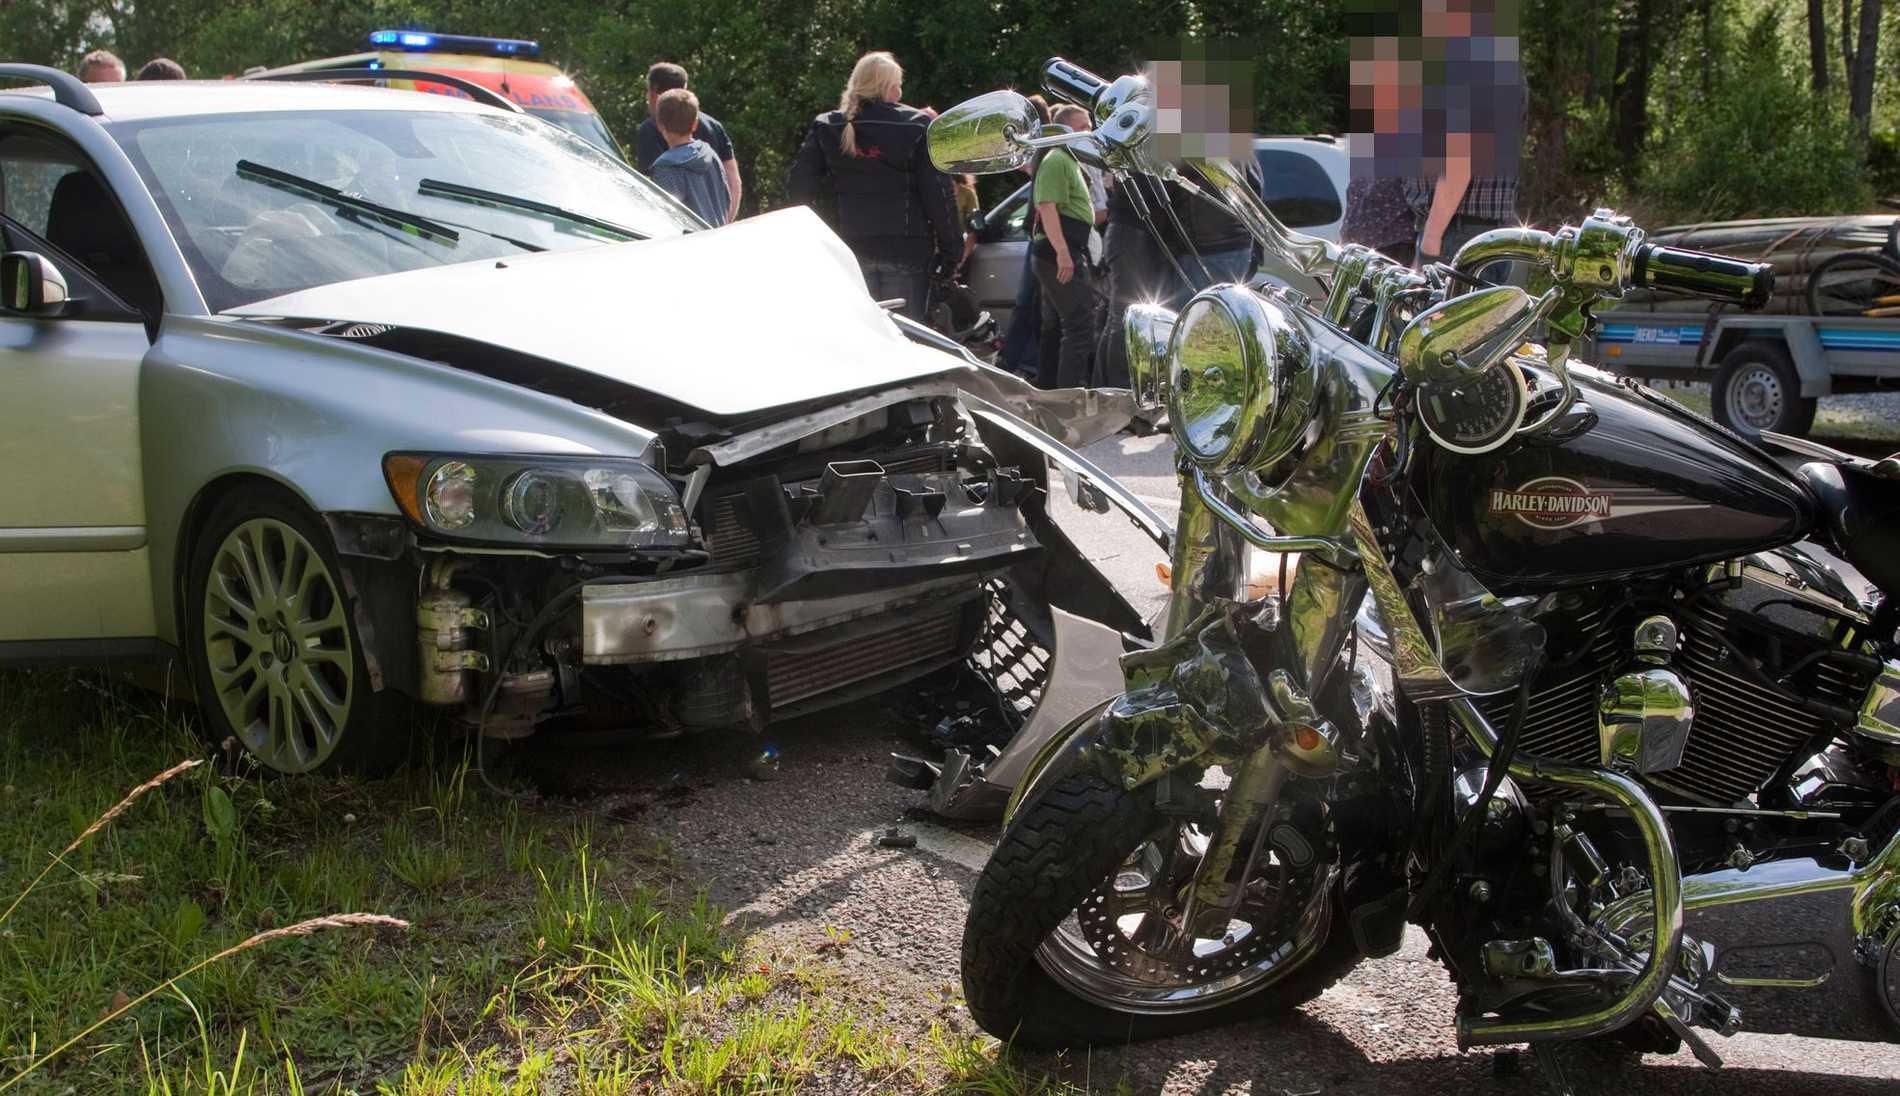 En man i 50-årsåldern avled på söndagen efter att han krockat med en bil norr om Lidköping. Han blev det åttonde dödsoffret i MC-trafiken i juli.